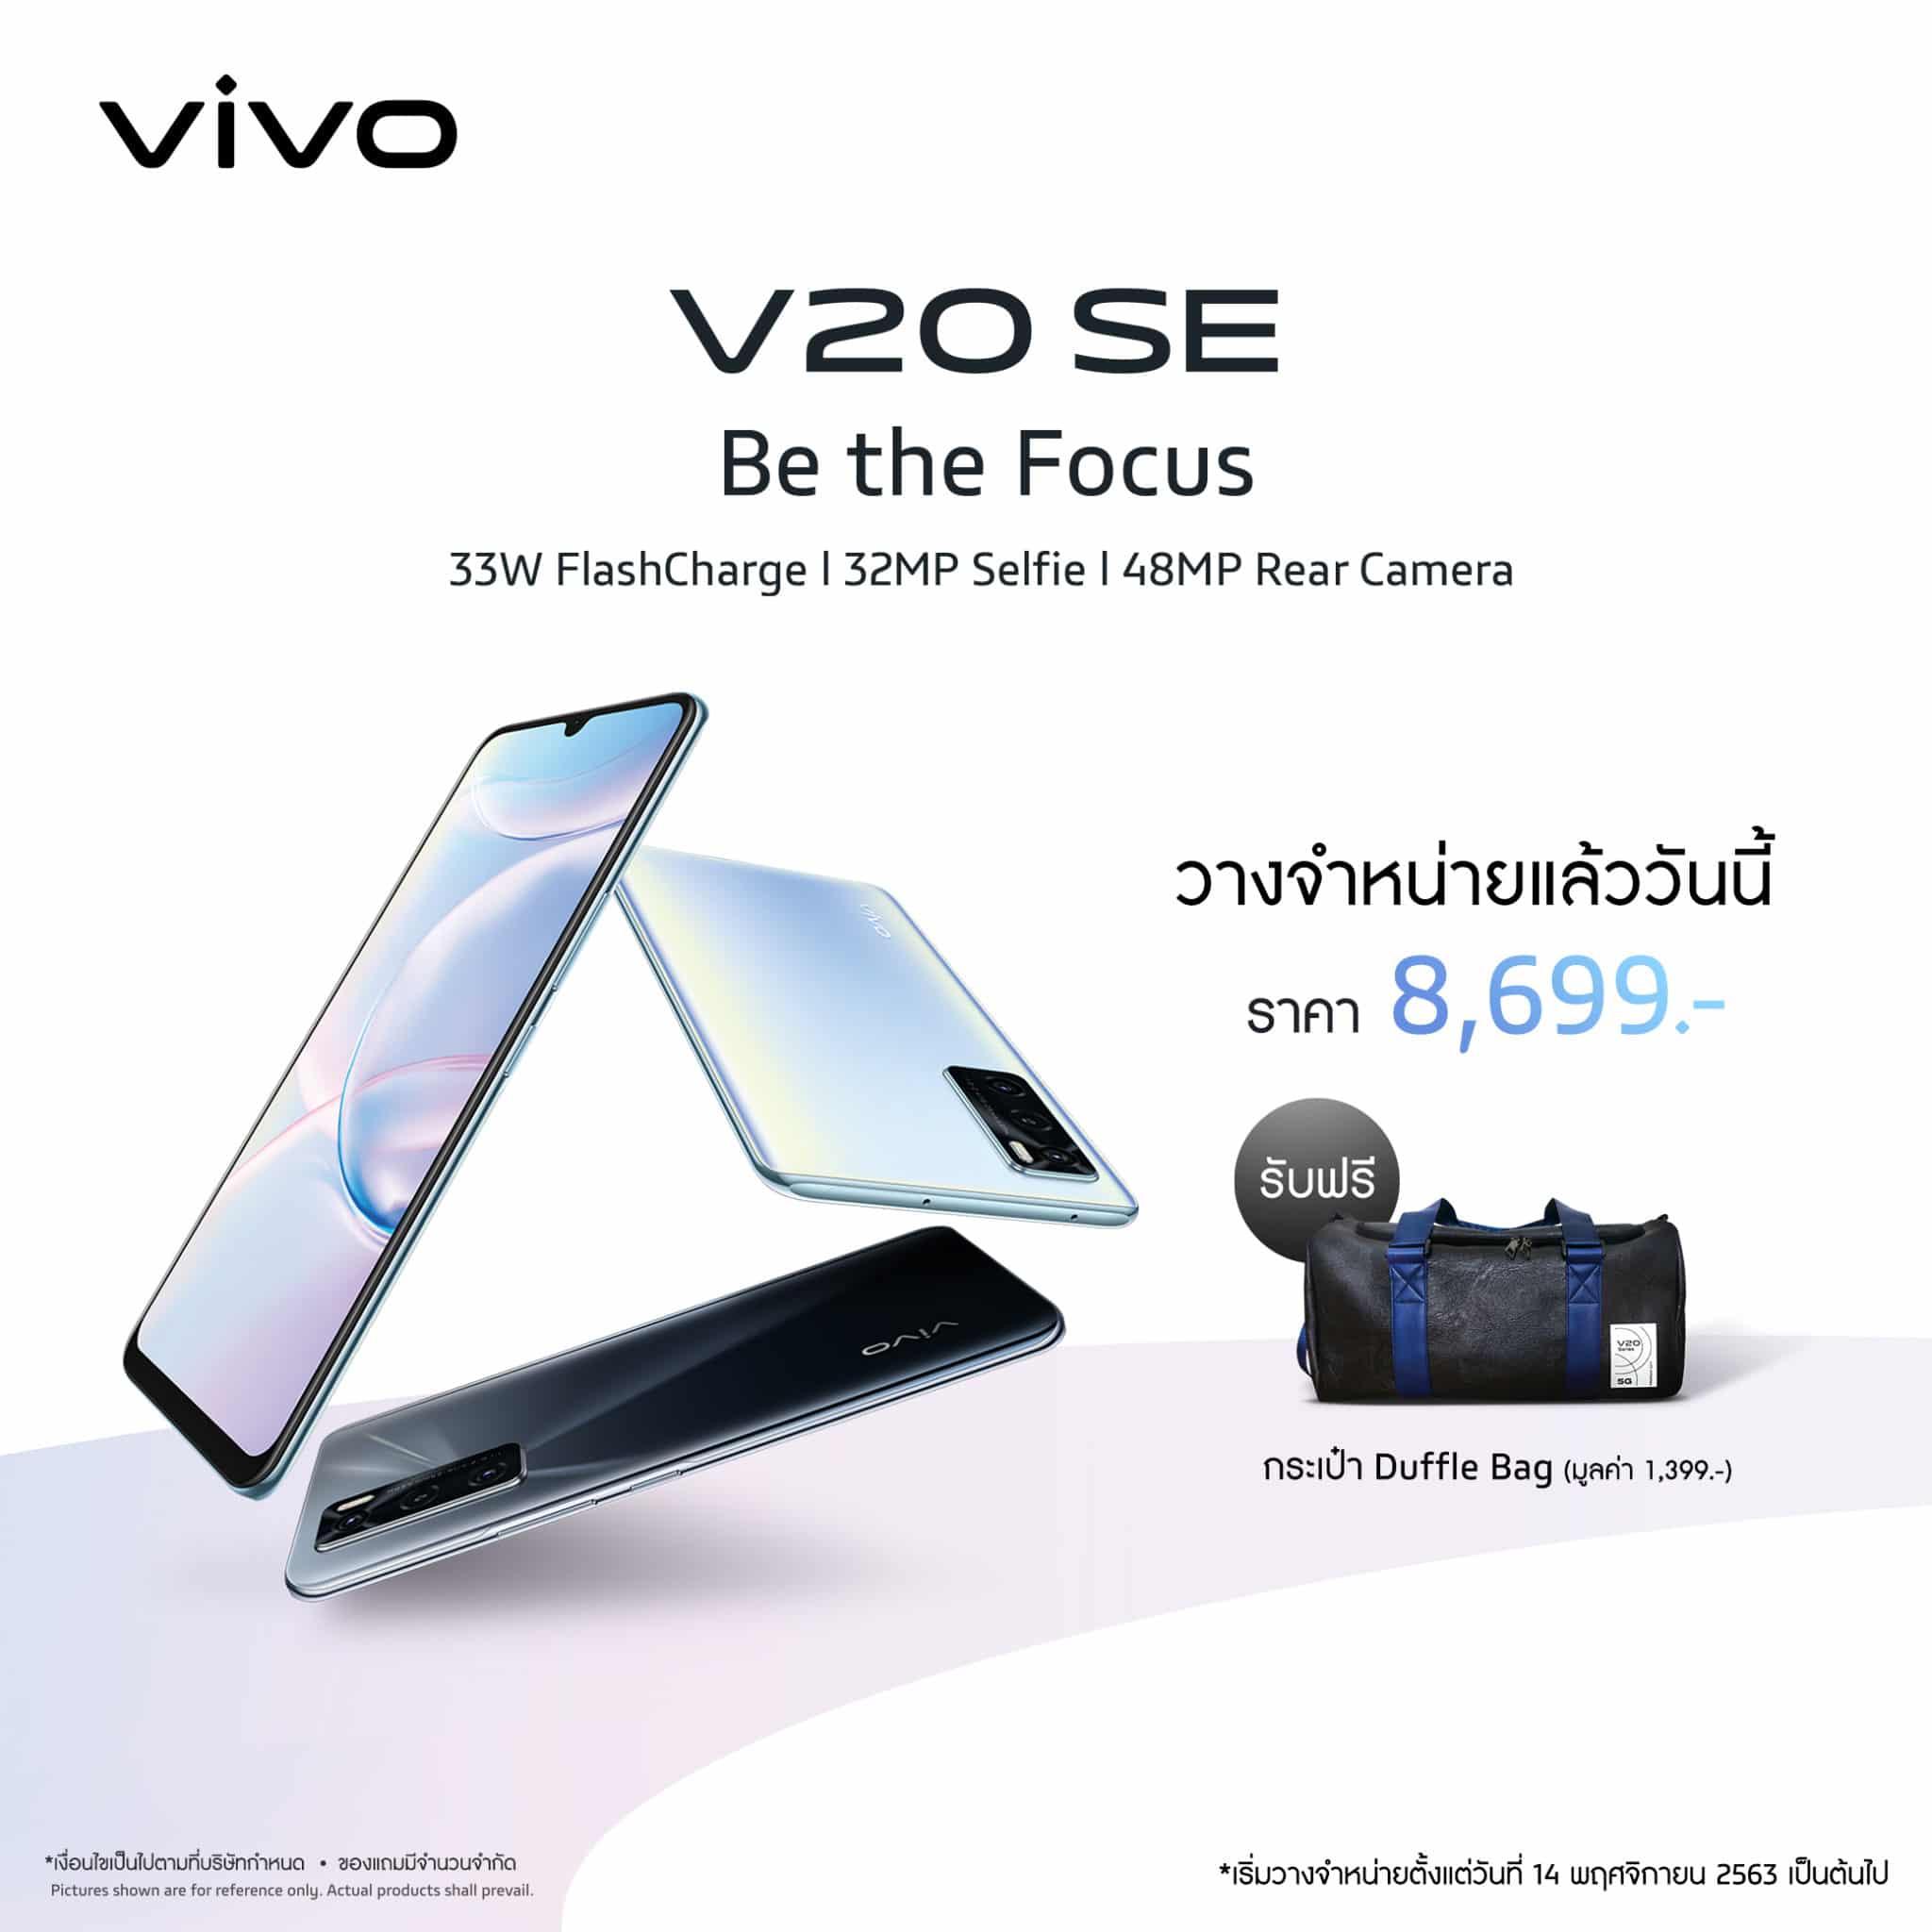 Vivo V20 SE - สเปกถูกตา ราคาถูกใจ! Vivo V20 SE วางจำหน่ายแล้ววันนี้ ราคาเพียง 8,699 บาท